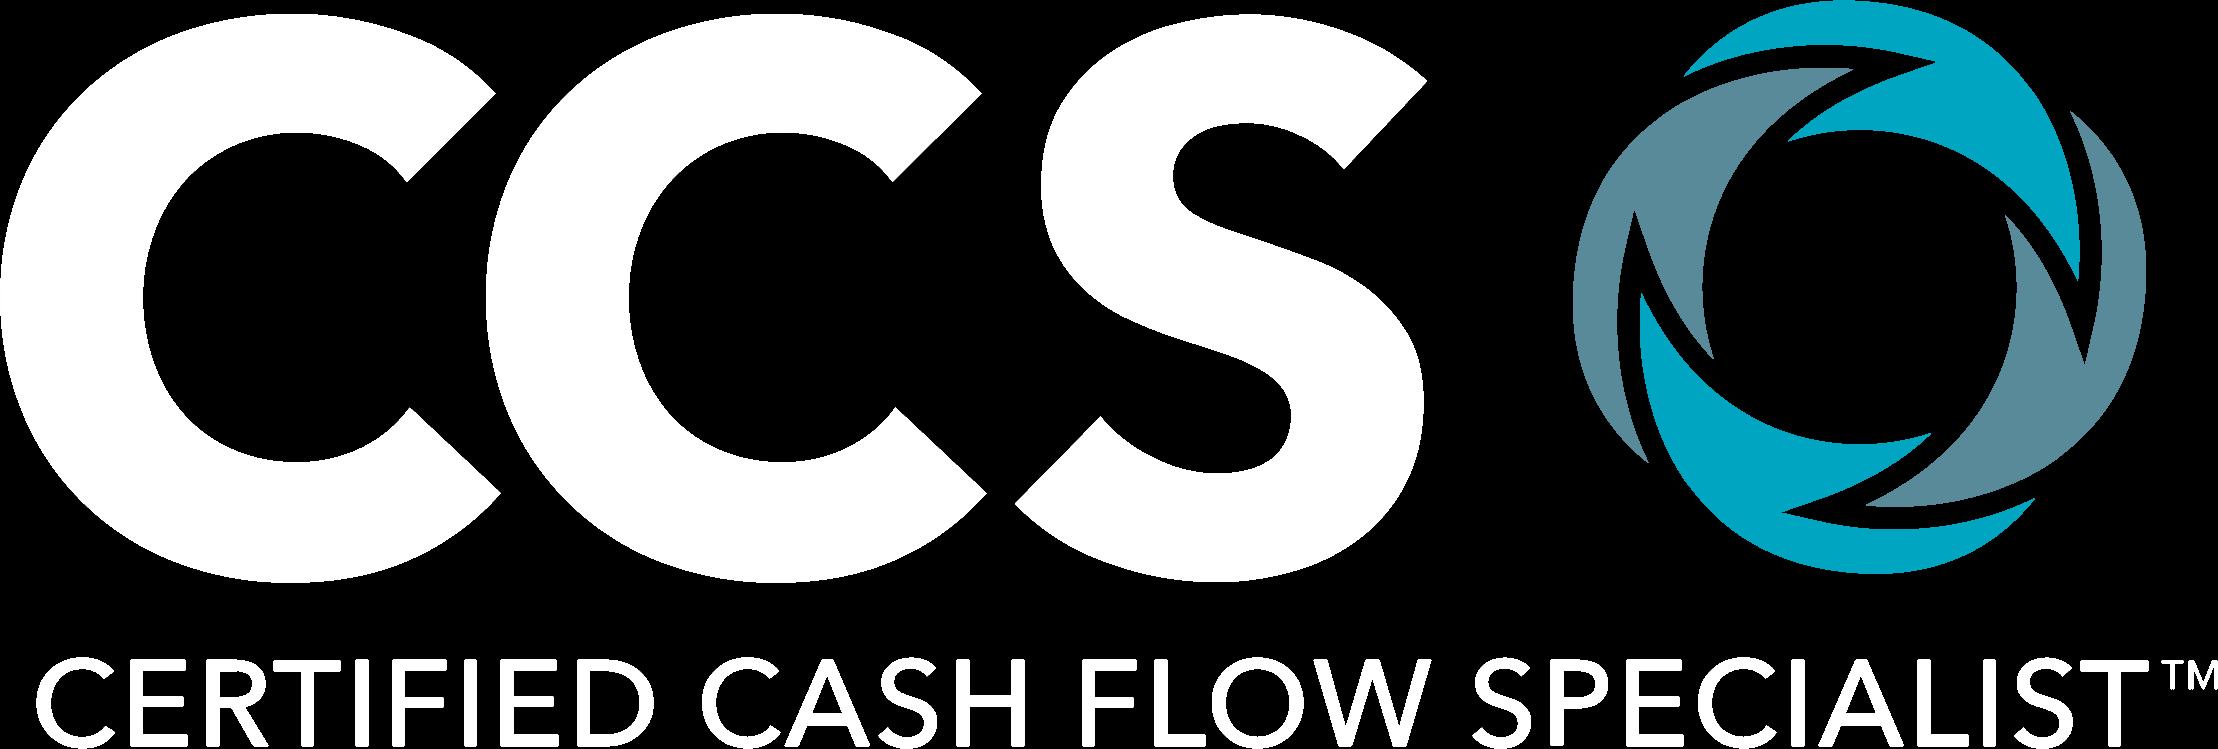 Certified Cash Flow Specialist™ Logo